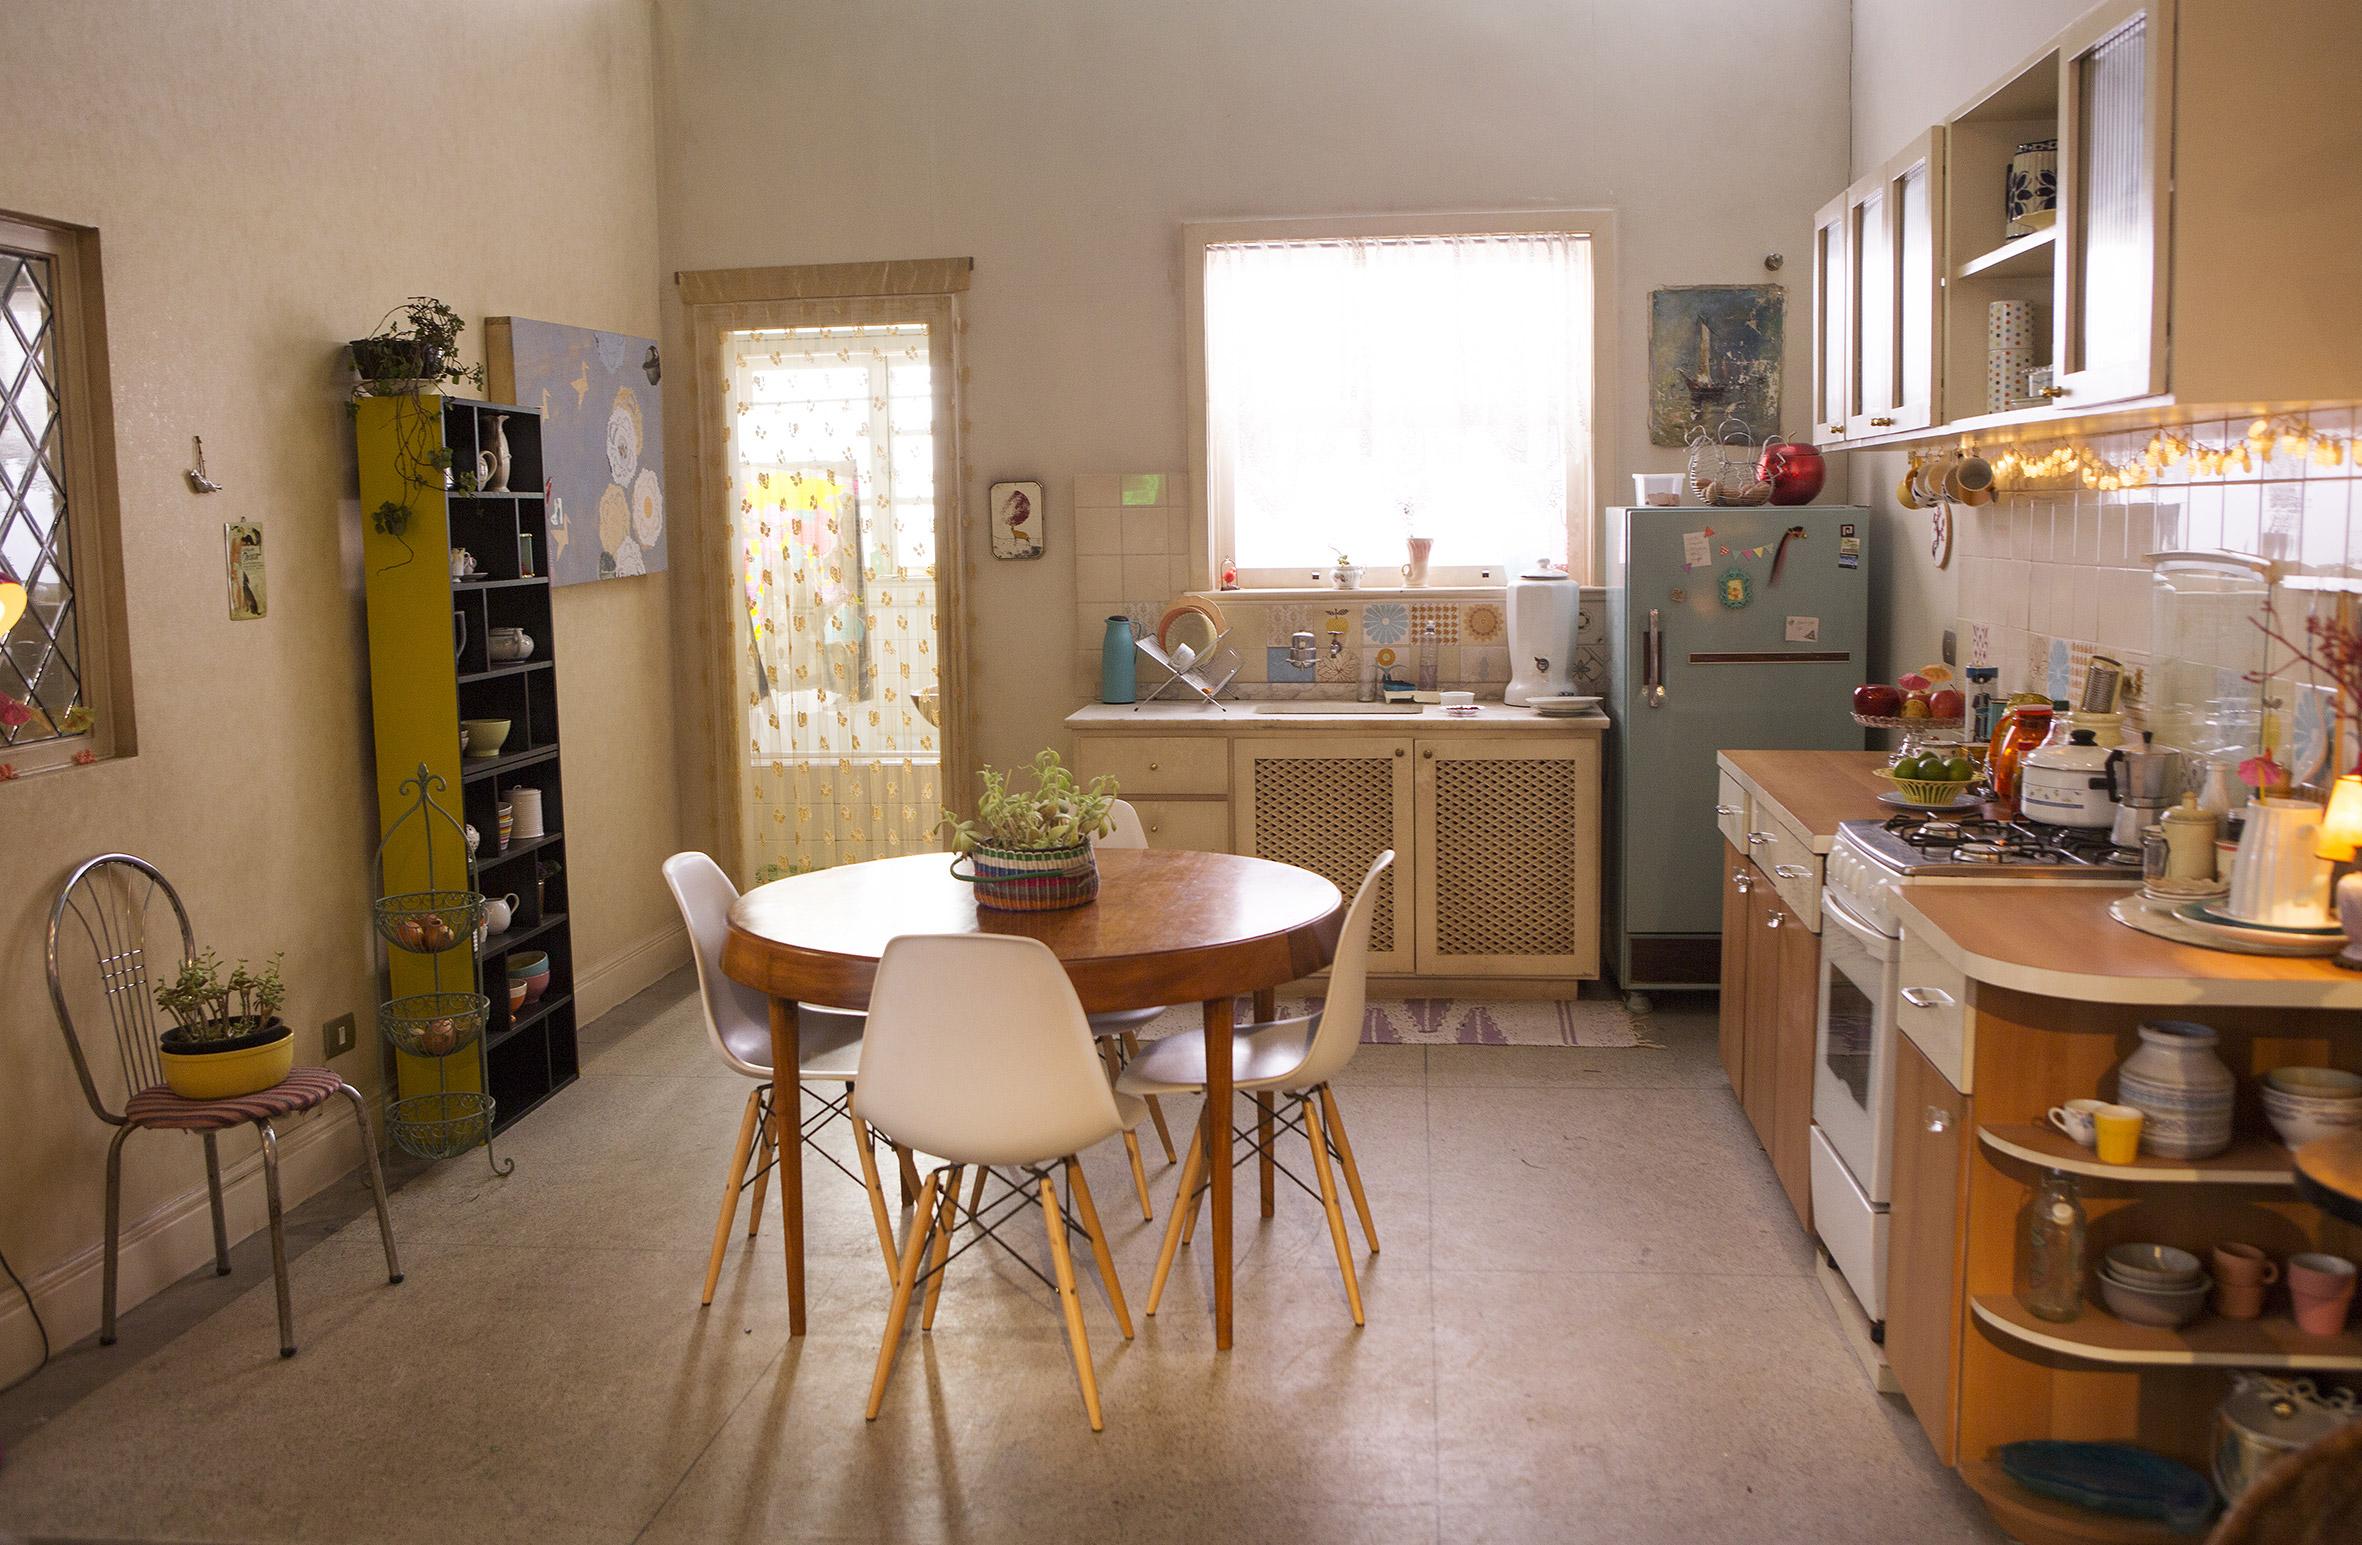 Decoração retrô segue em alta e deixa a cozinha ainda mais charmosa  #996632 2362 1545